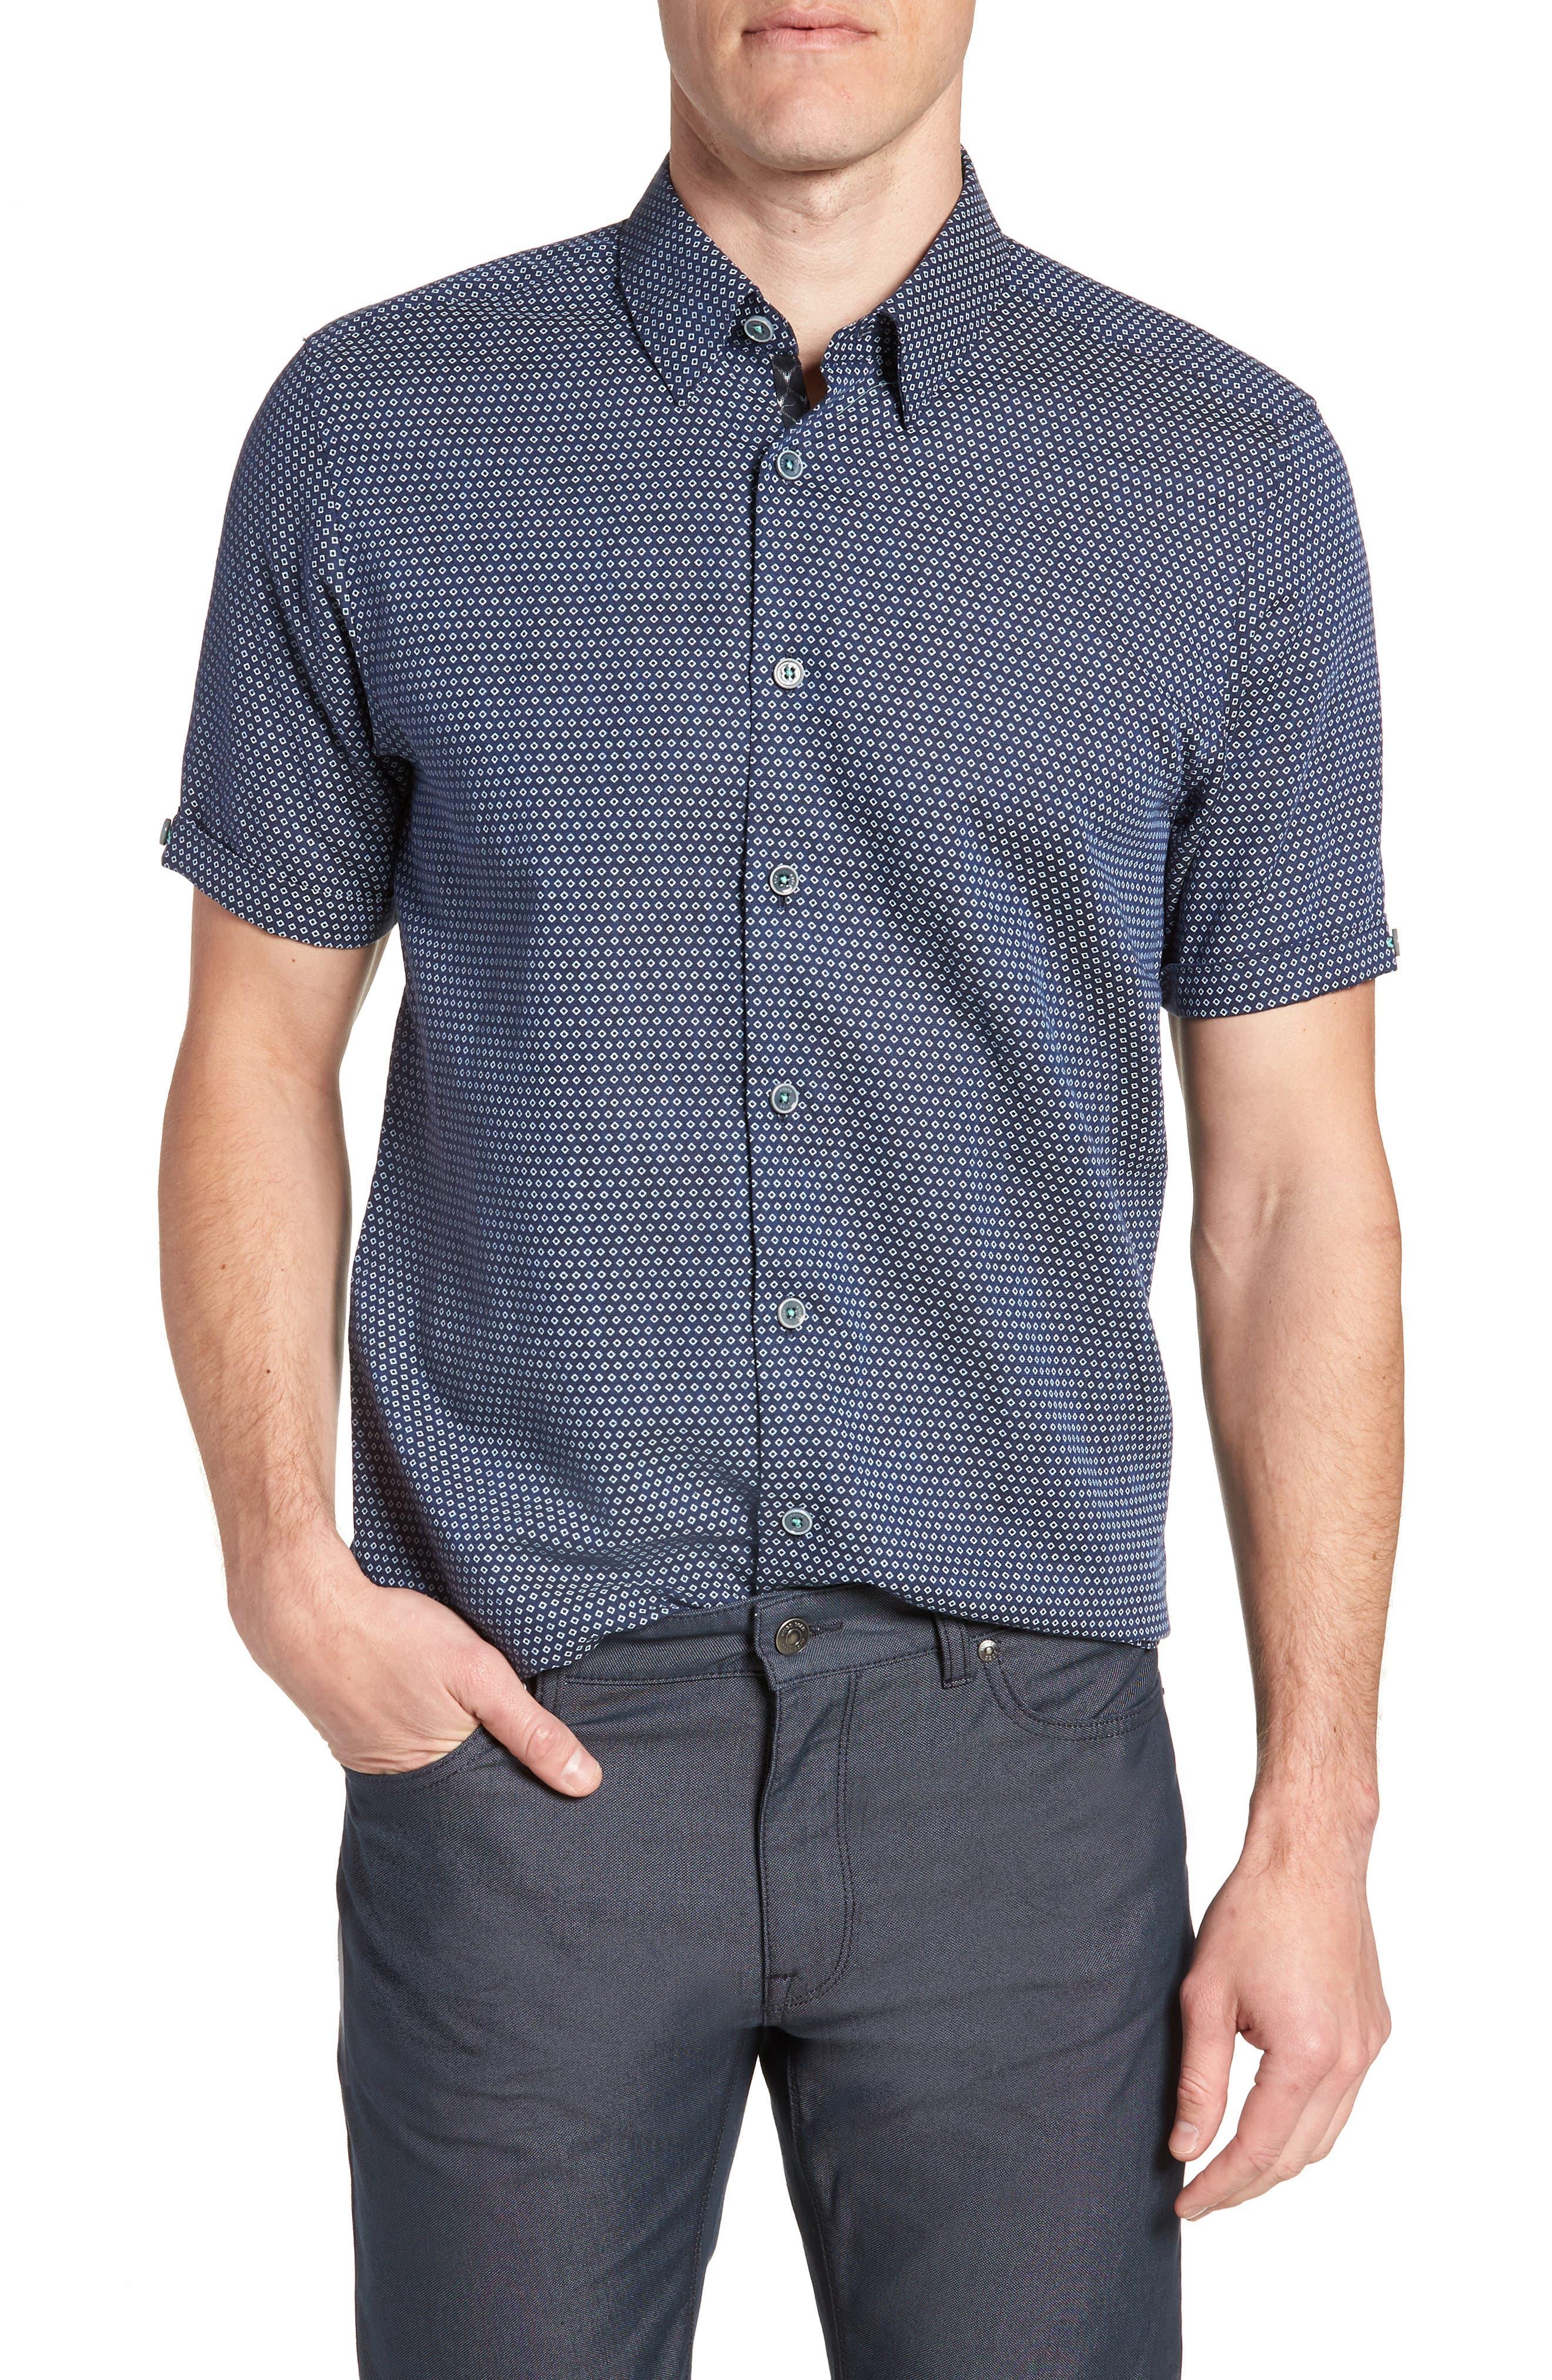 Sirobtt Short Sleeve Sport Shirt,                             Main thumbnail 1, color,                             Navy